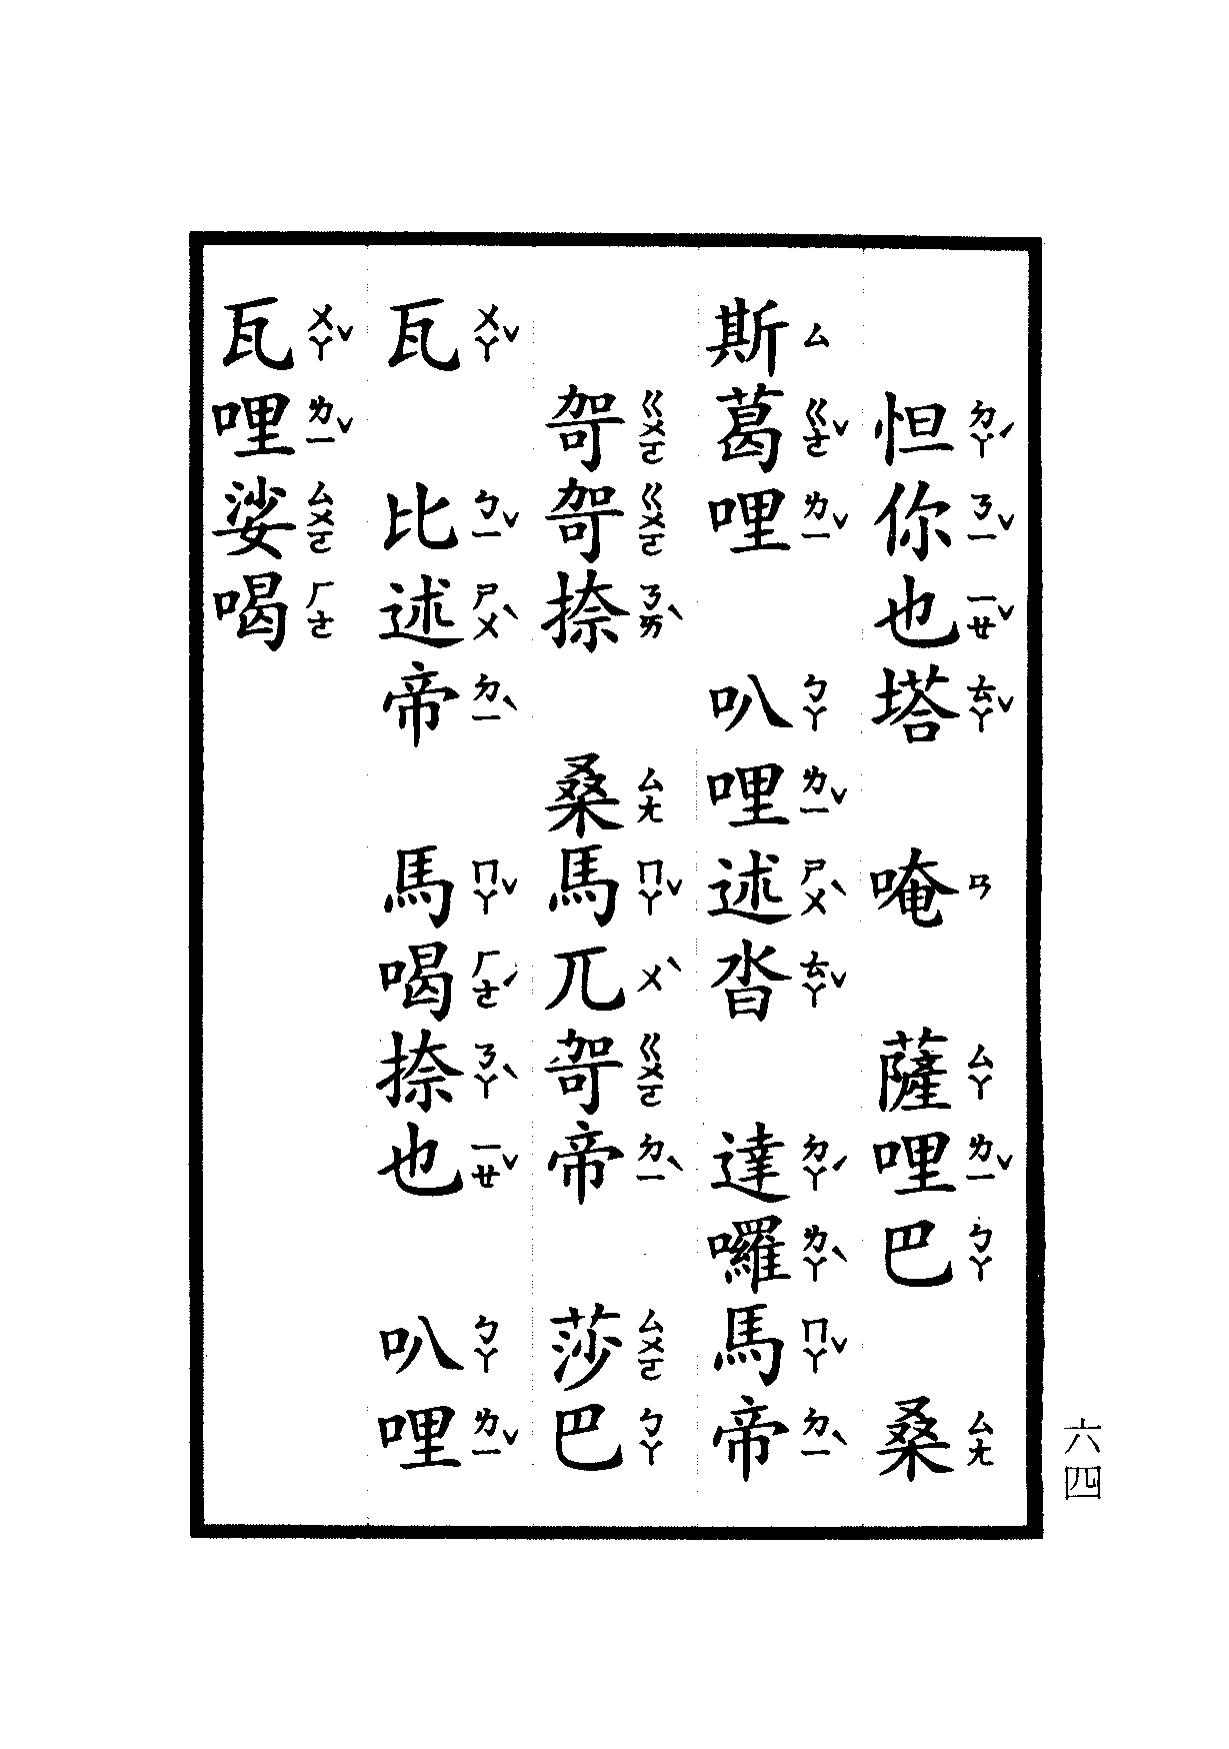 楞嚴咒-大悲咒-十小咒-易背本 70.png